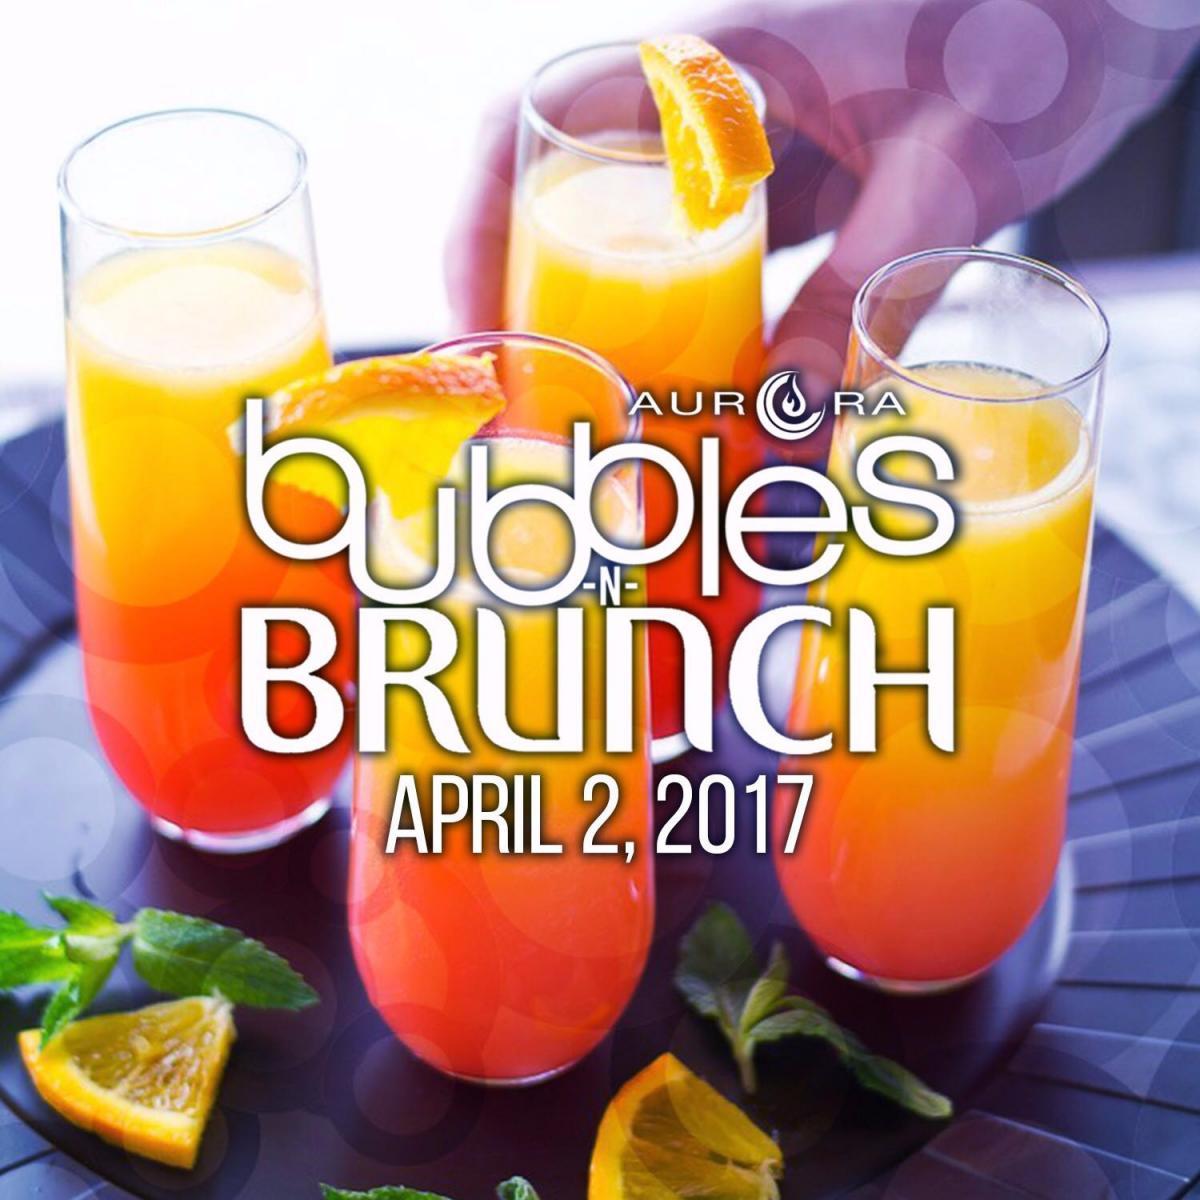 Bubble N' Brunch, Fort Lauderdale FL